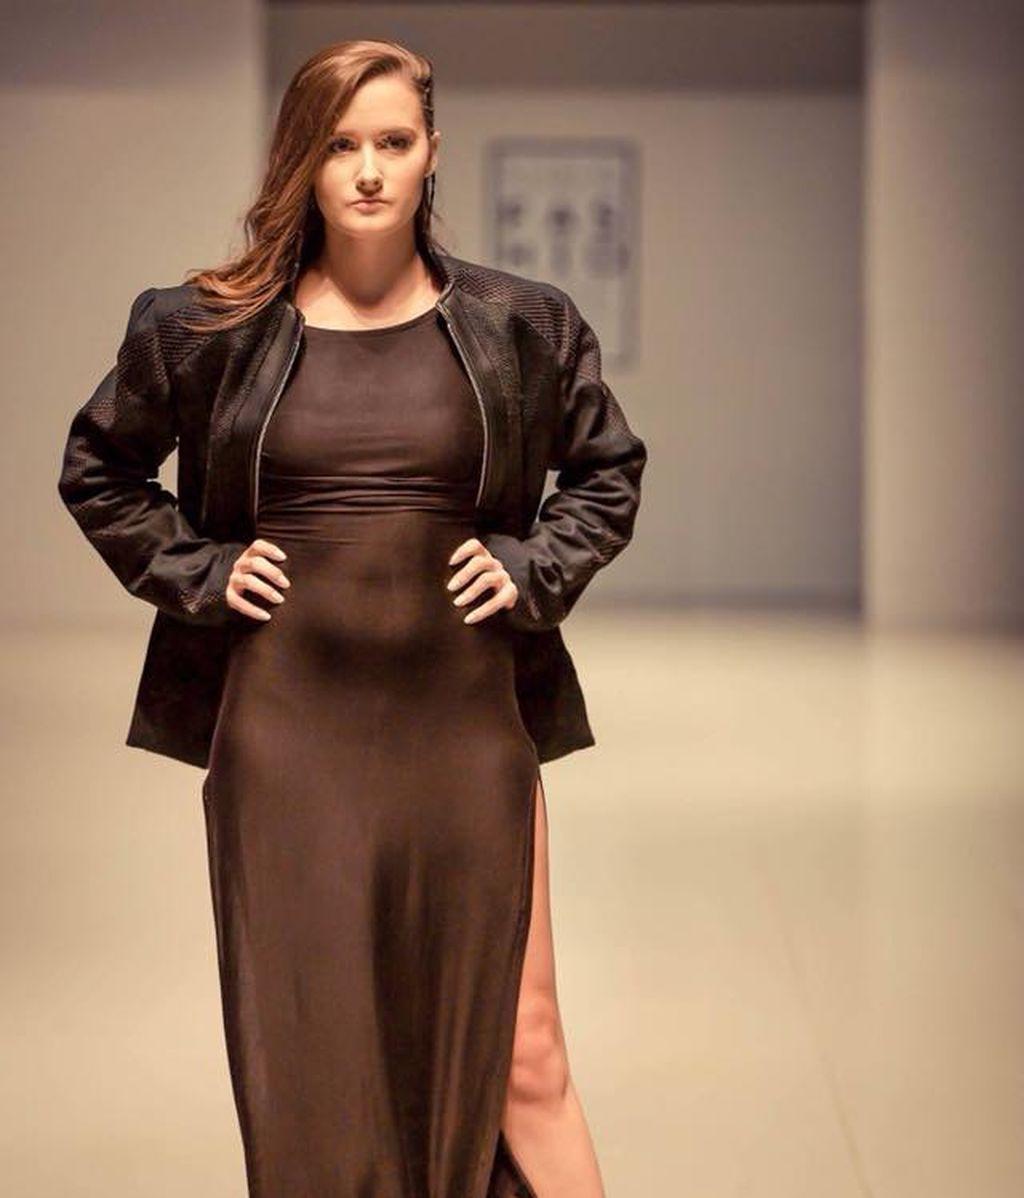 Su sueño de ser modelo se desploma por padecer endometriosis